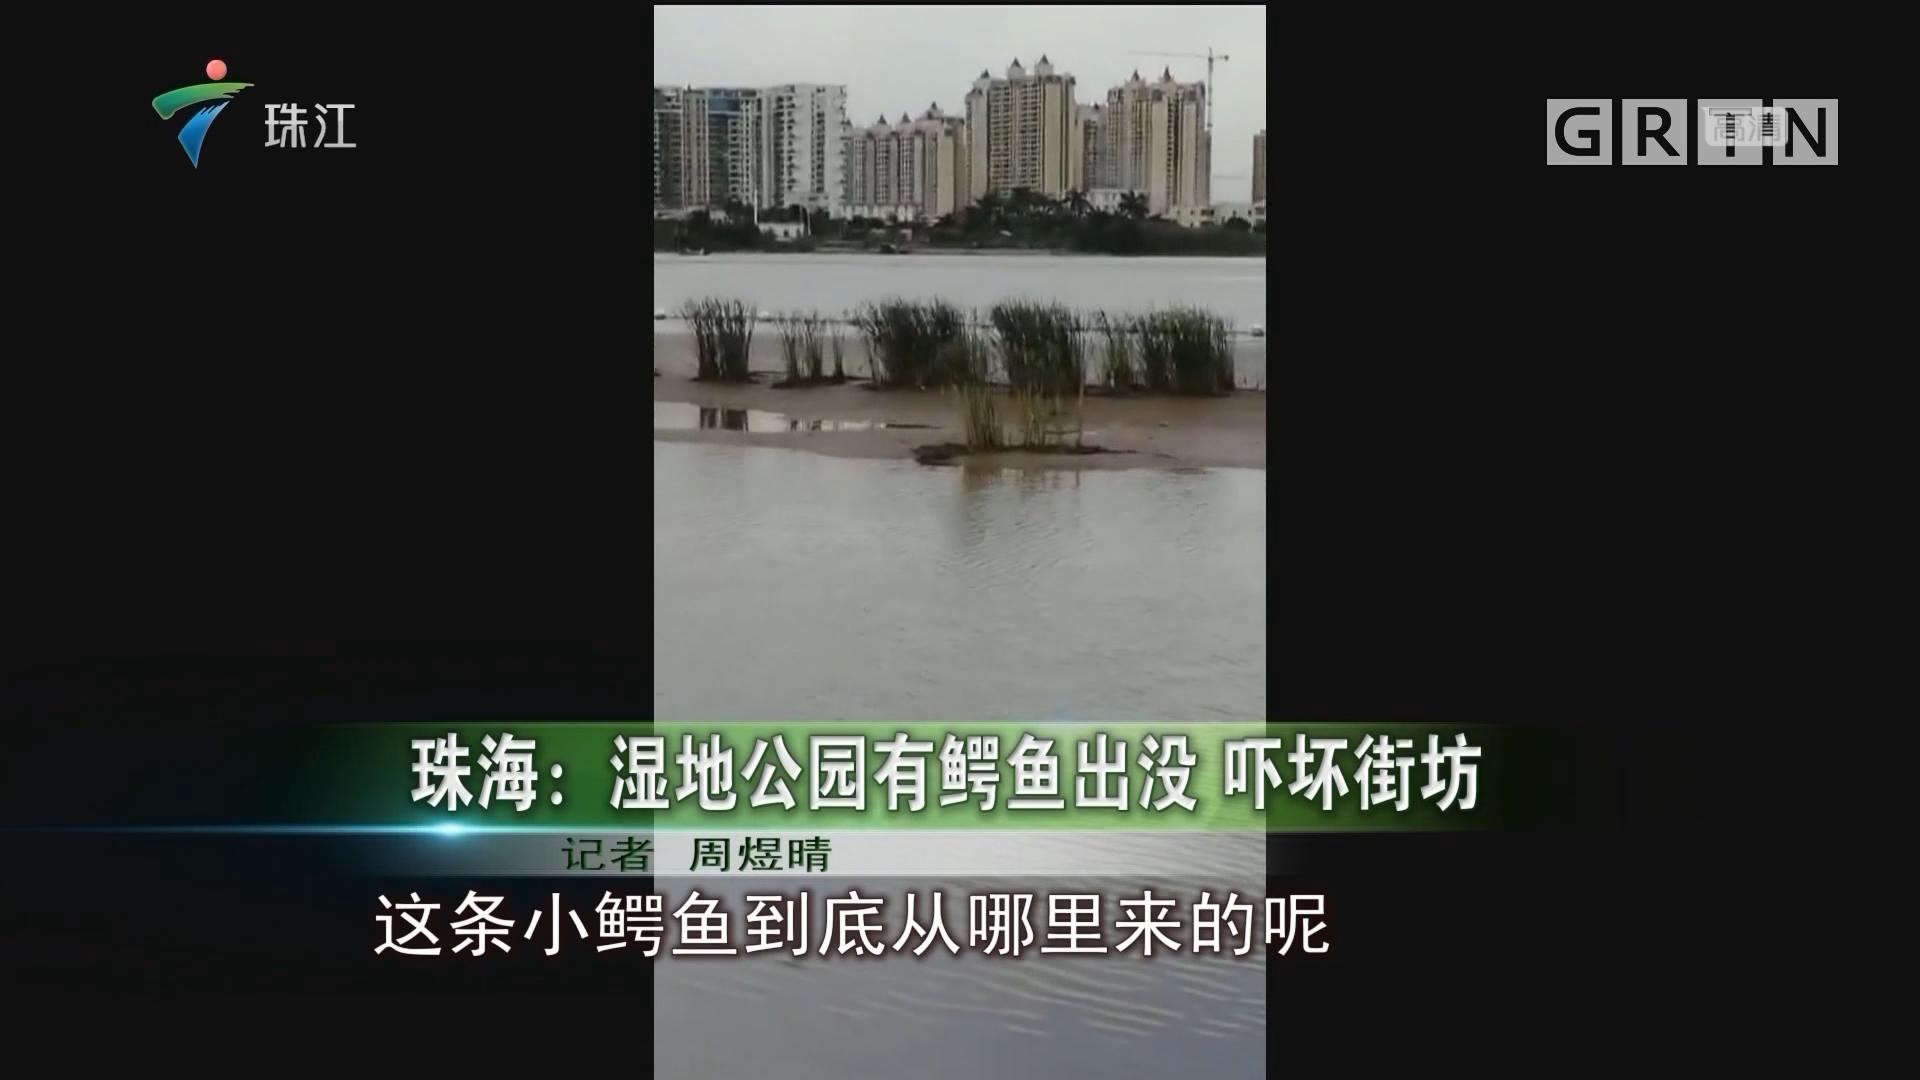 珠海:湿地公园有鳄鱼出没 吓坏街坊